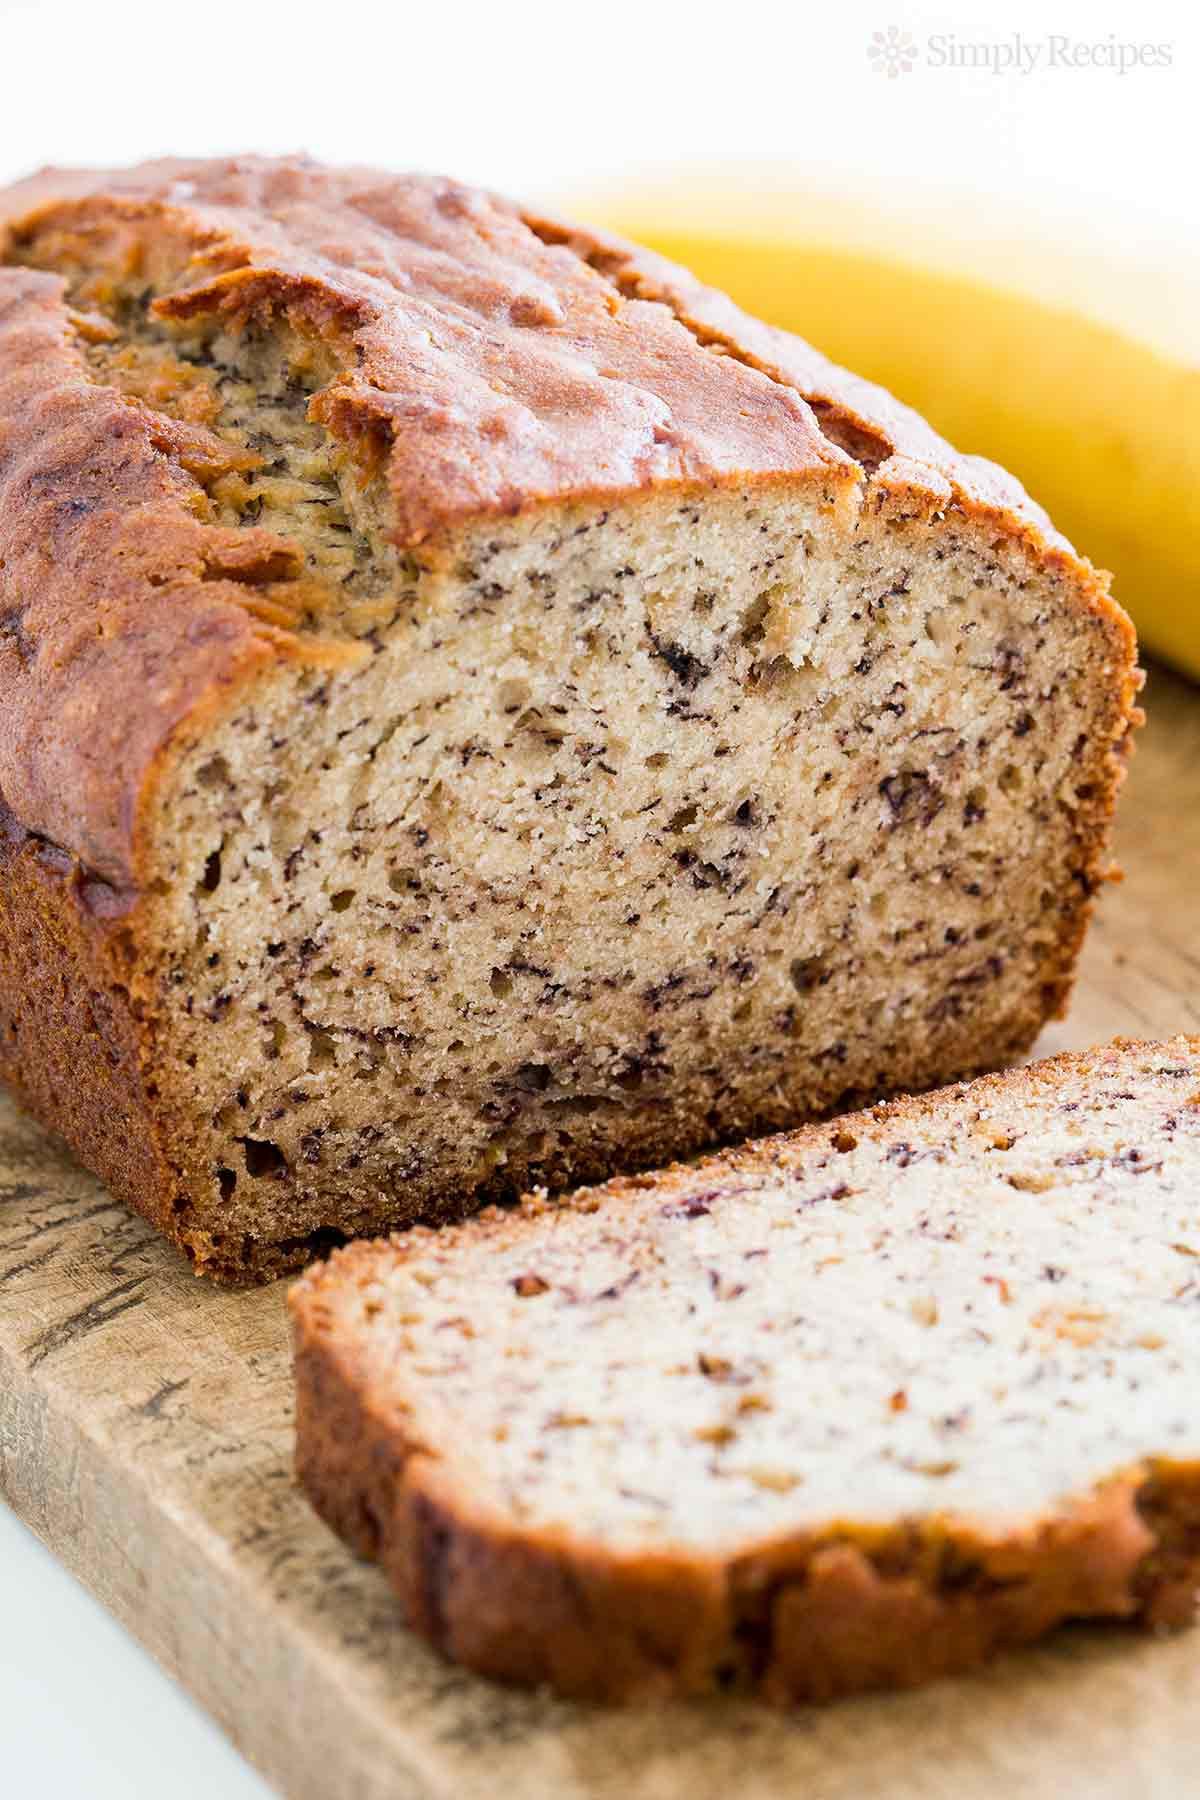 Easy Banana Bread Recipes  Banana Bread Recipe [with video]